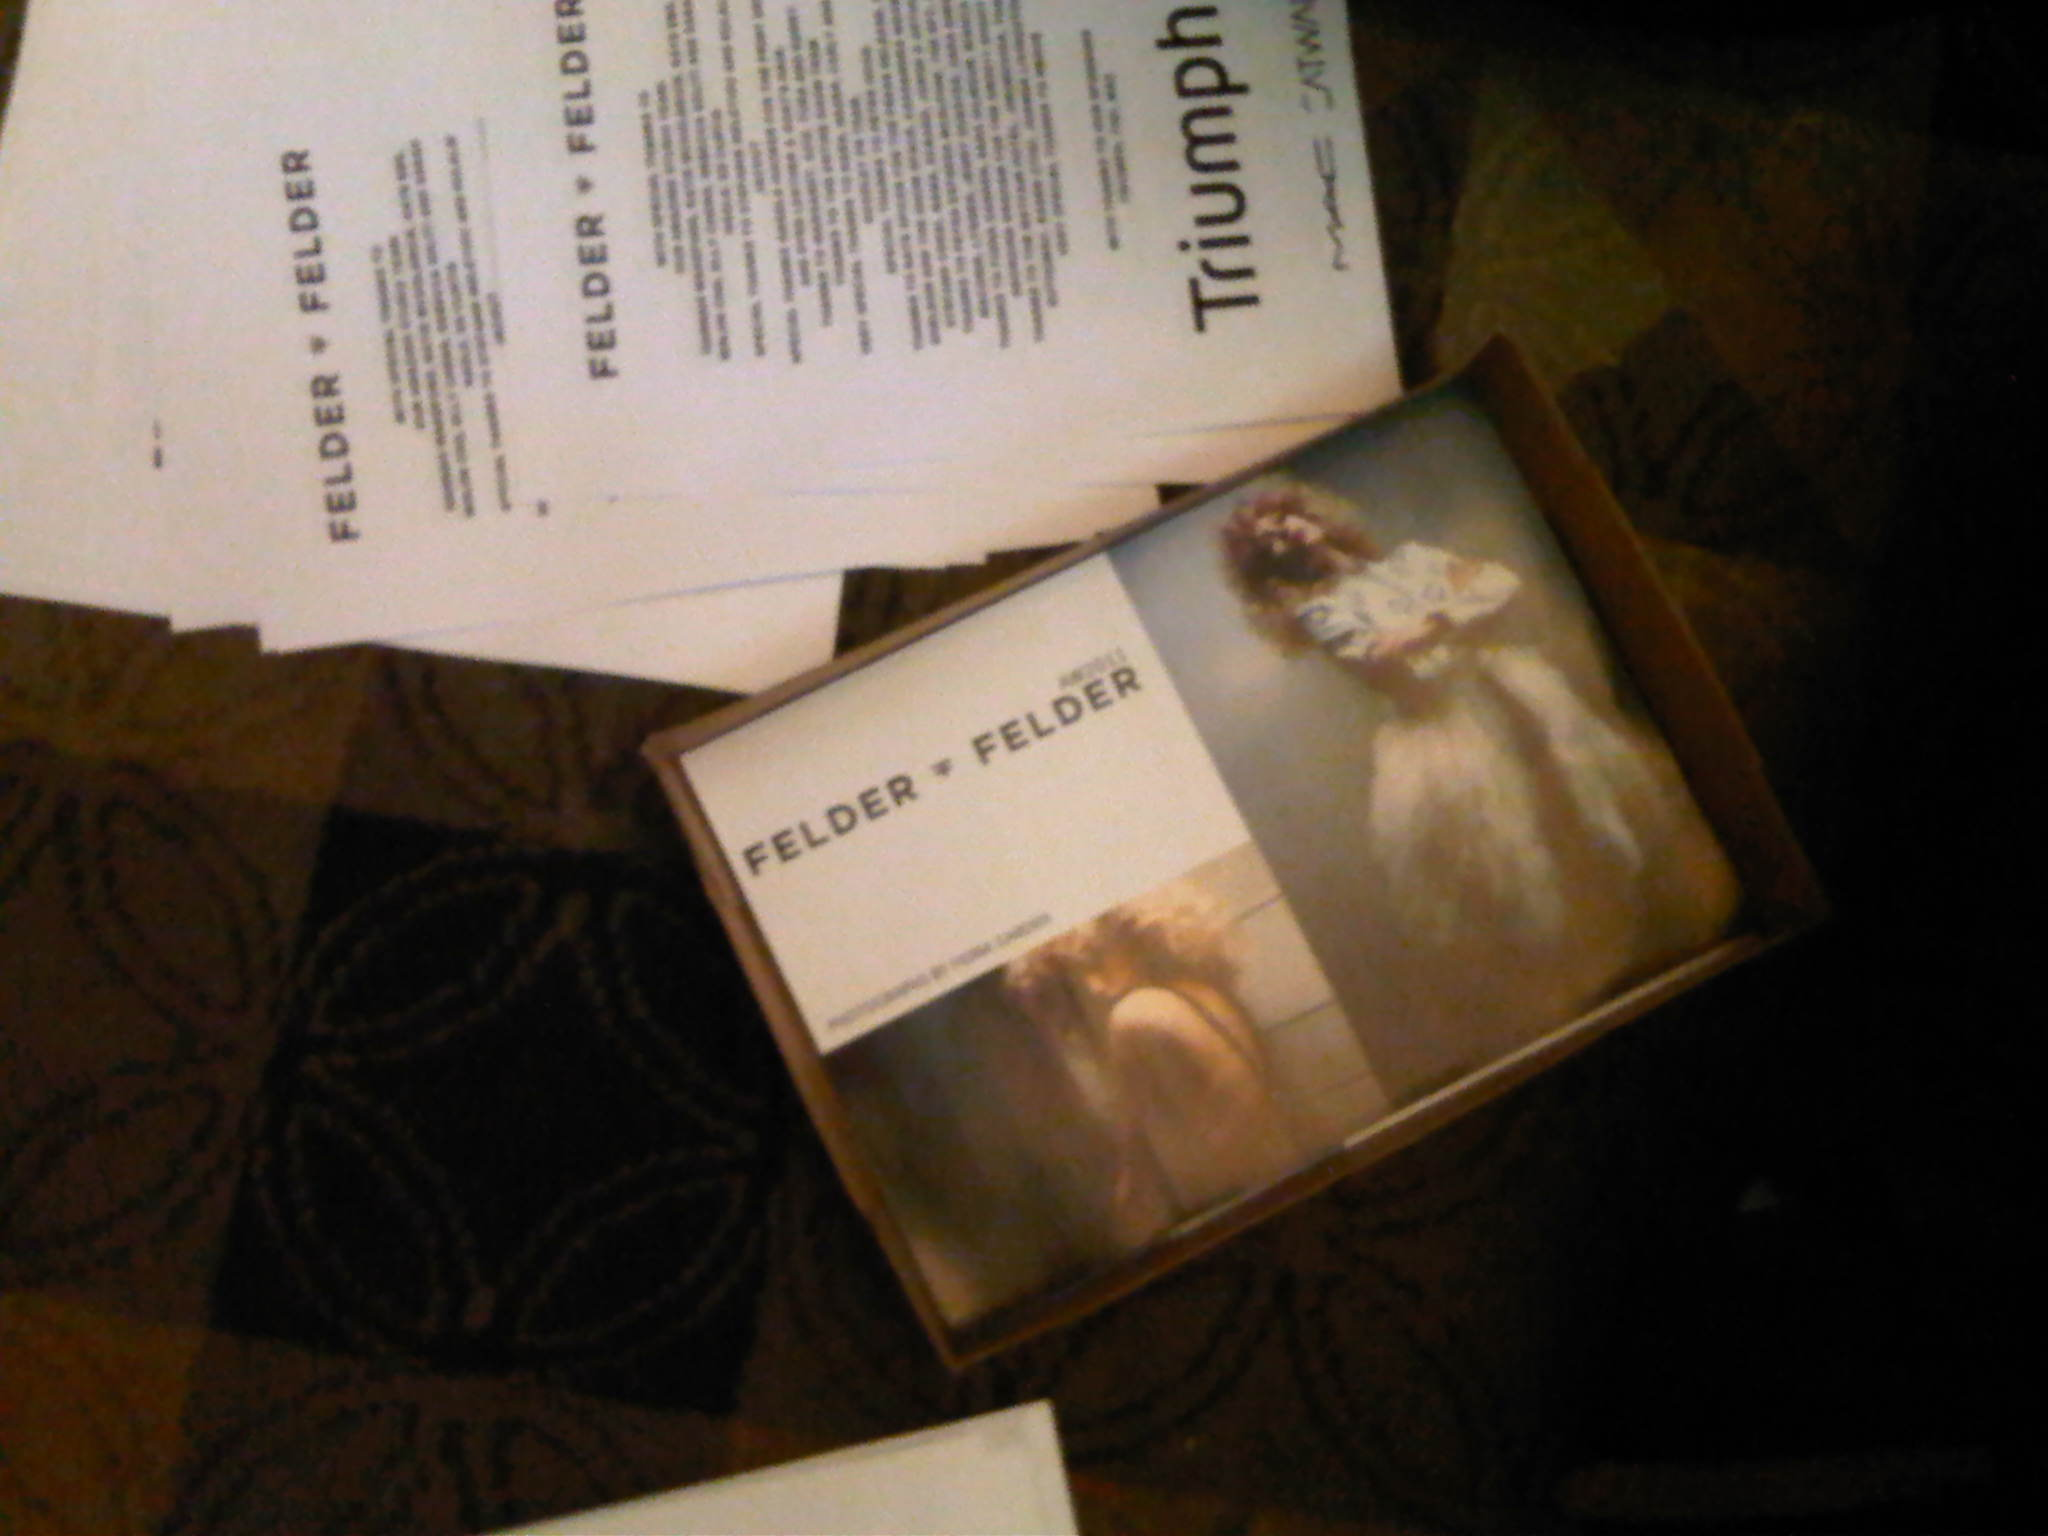 FELDERFELDER AW11 by Fiona Garden